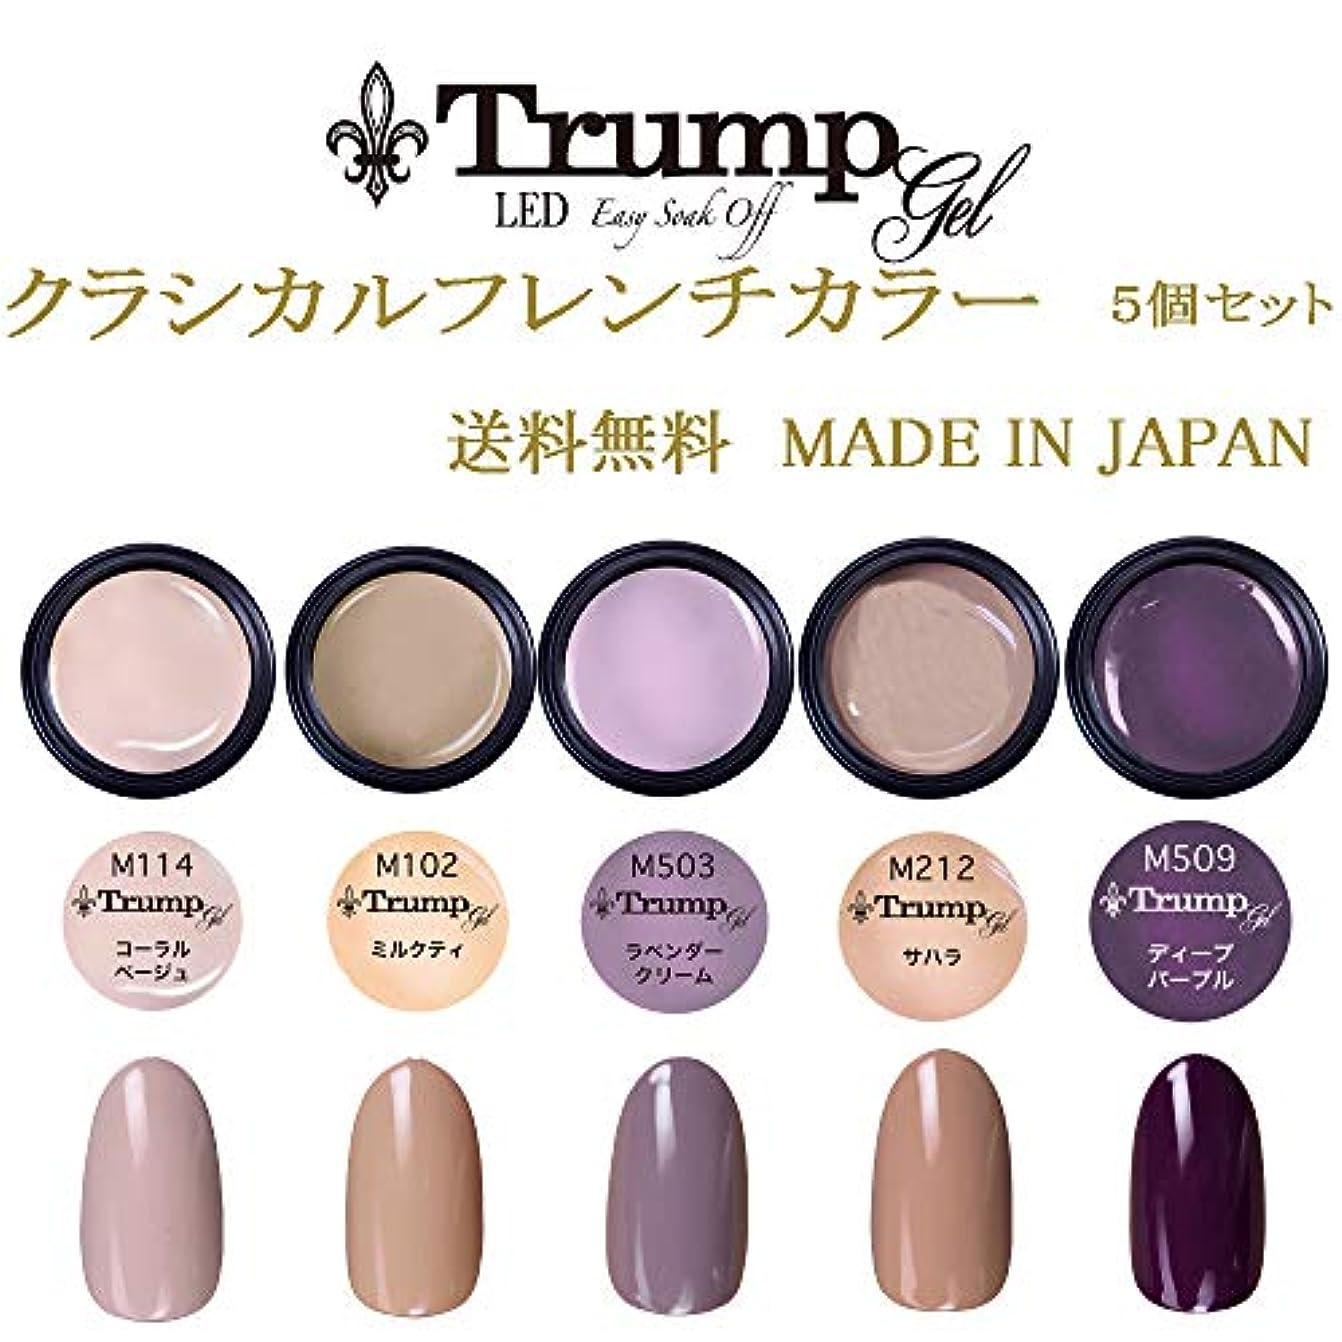 メダル雄大な間に合わせ【送料無料】日本製 Trump gel トランプジェル クラシカルフレンチカラージェル 5個セット スタイリッシュでオシャレな 白べっ甲カラージェルセット